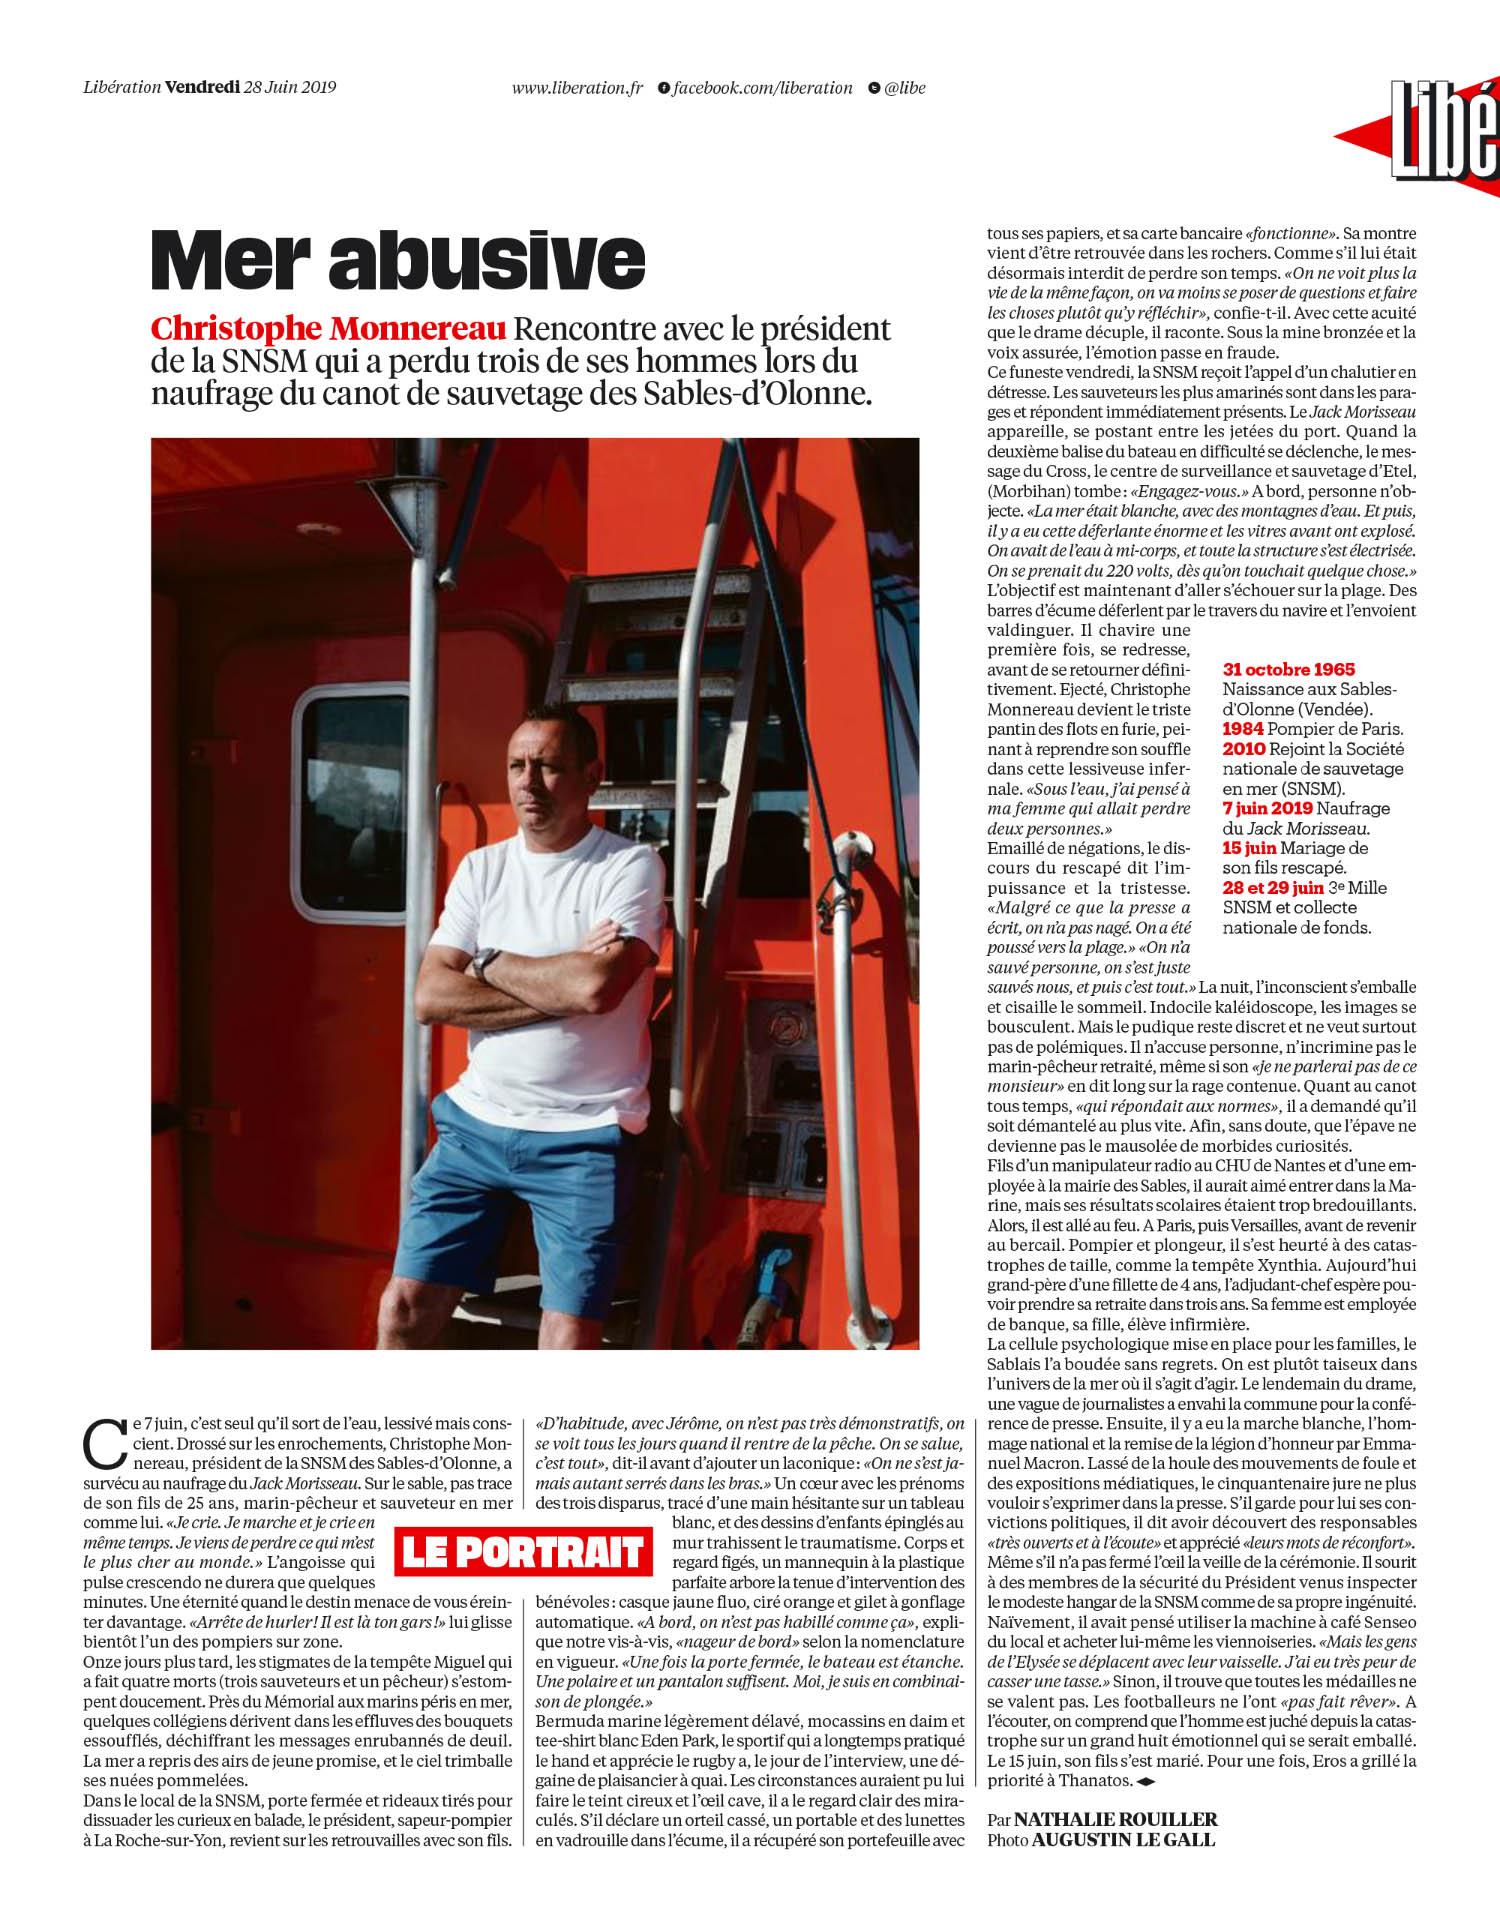 """Libération. 28 Juin 2019. Portrait de Christophe Monnereau, président de la SNSM des Sables d'Olonne et un des 4 rescapés du naugrage du """" Jack Morisseau"""" qui a fait naufrage en tentant de secourir un marin en détresse le 07 juin 2019."""